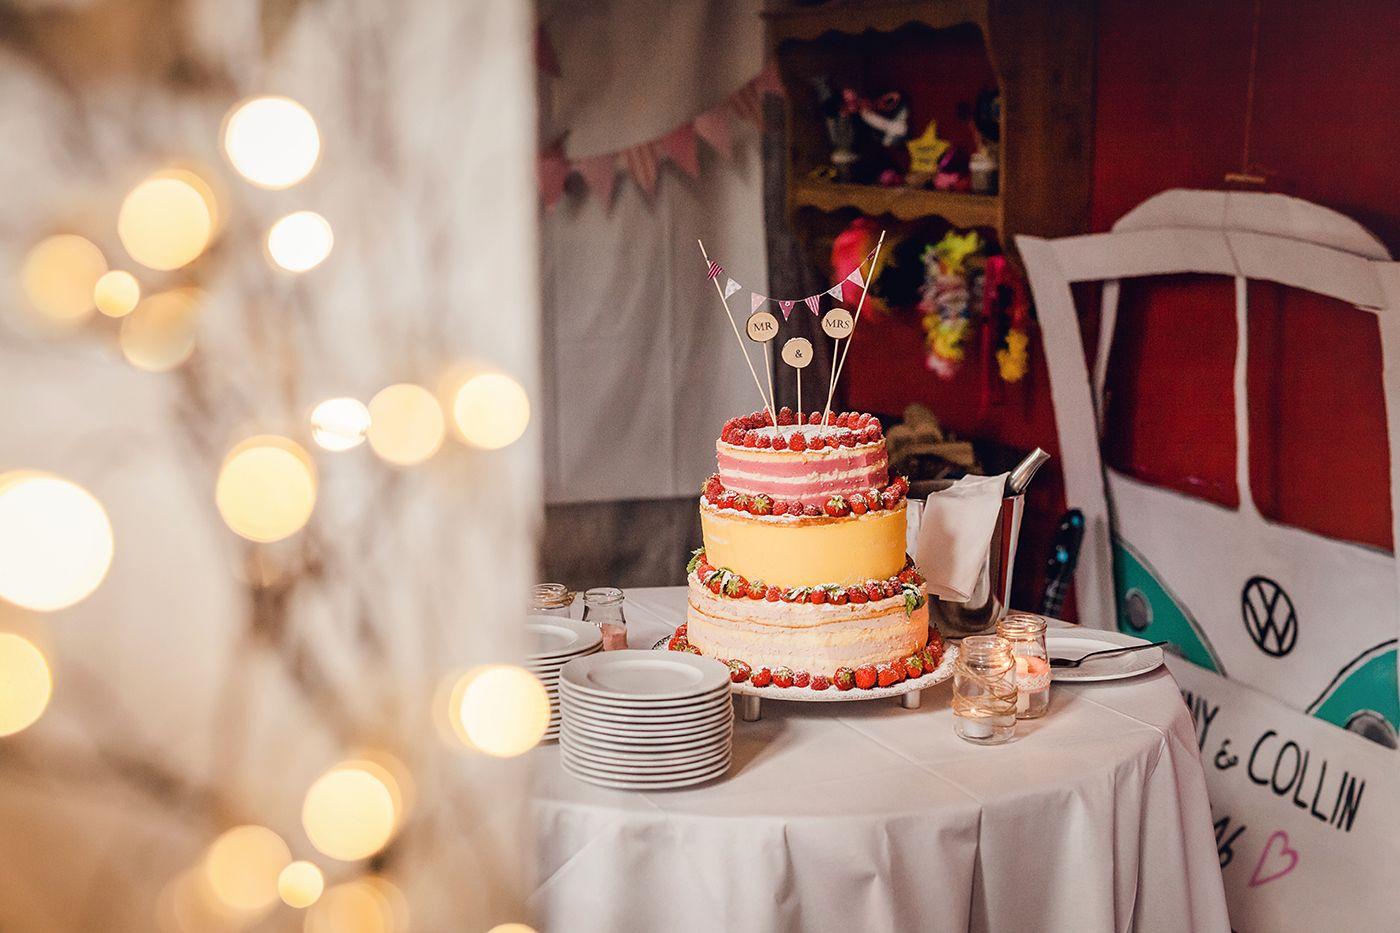 hochzeit_08__hochzeitsfotografin_lumoid_nadine_lotze_hagen_ruhrgebiet_detail_hof_niermann_waltrop_scheune_vintage_naked_cake